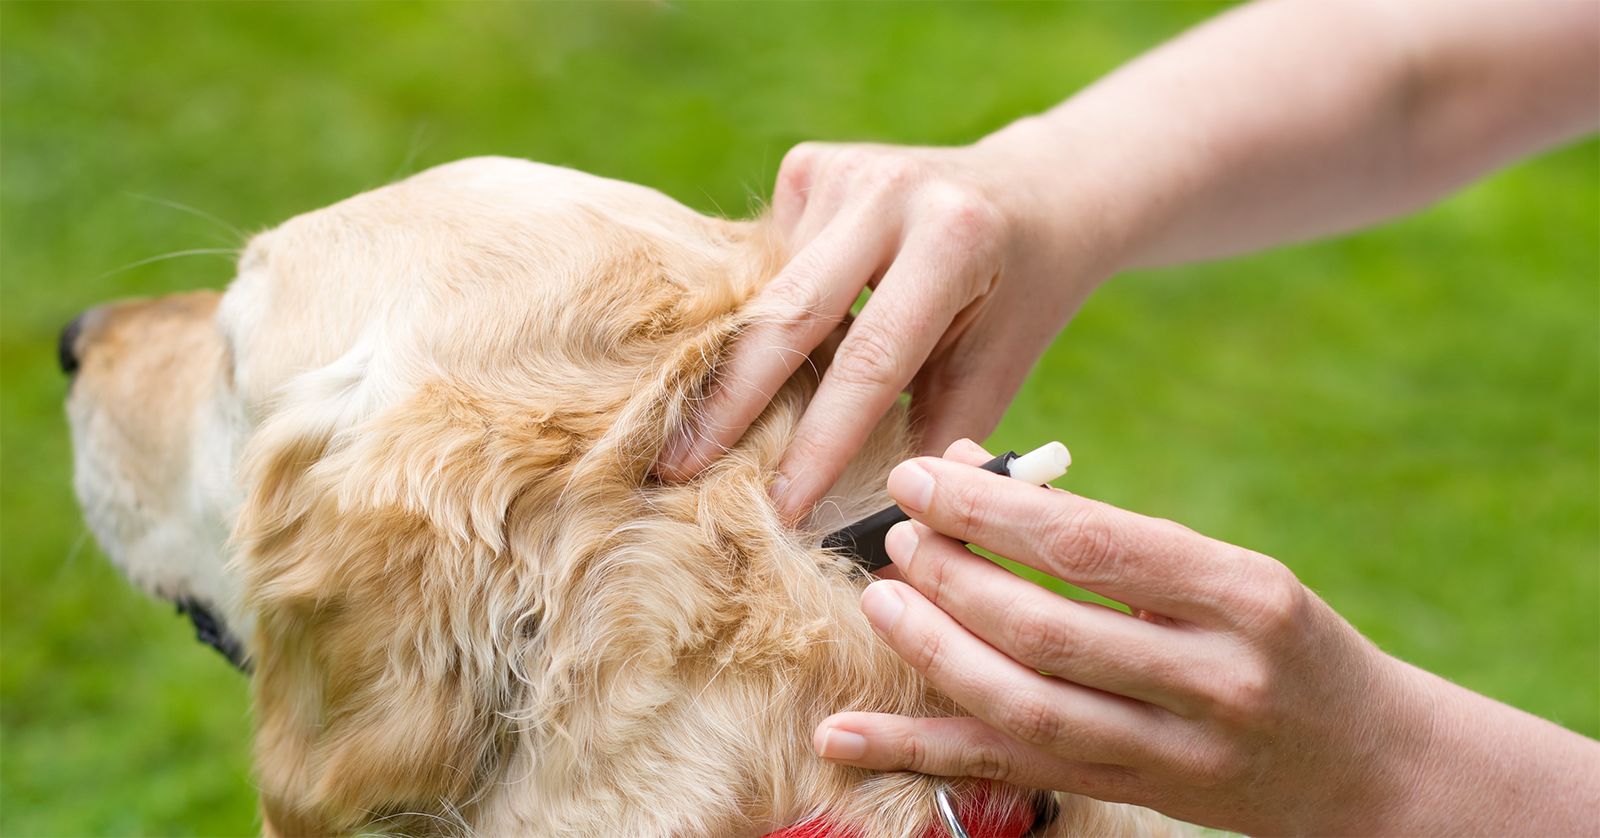 Рейтинг лучших таблеток от клещей для собак на 2021 год